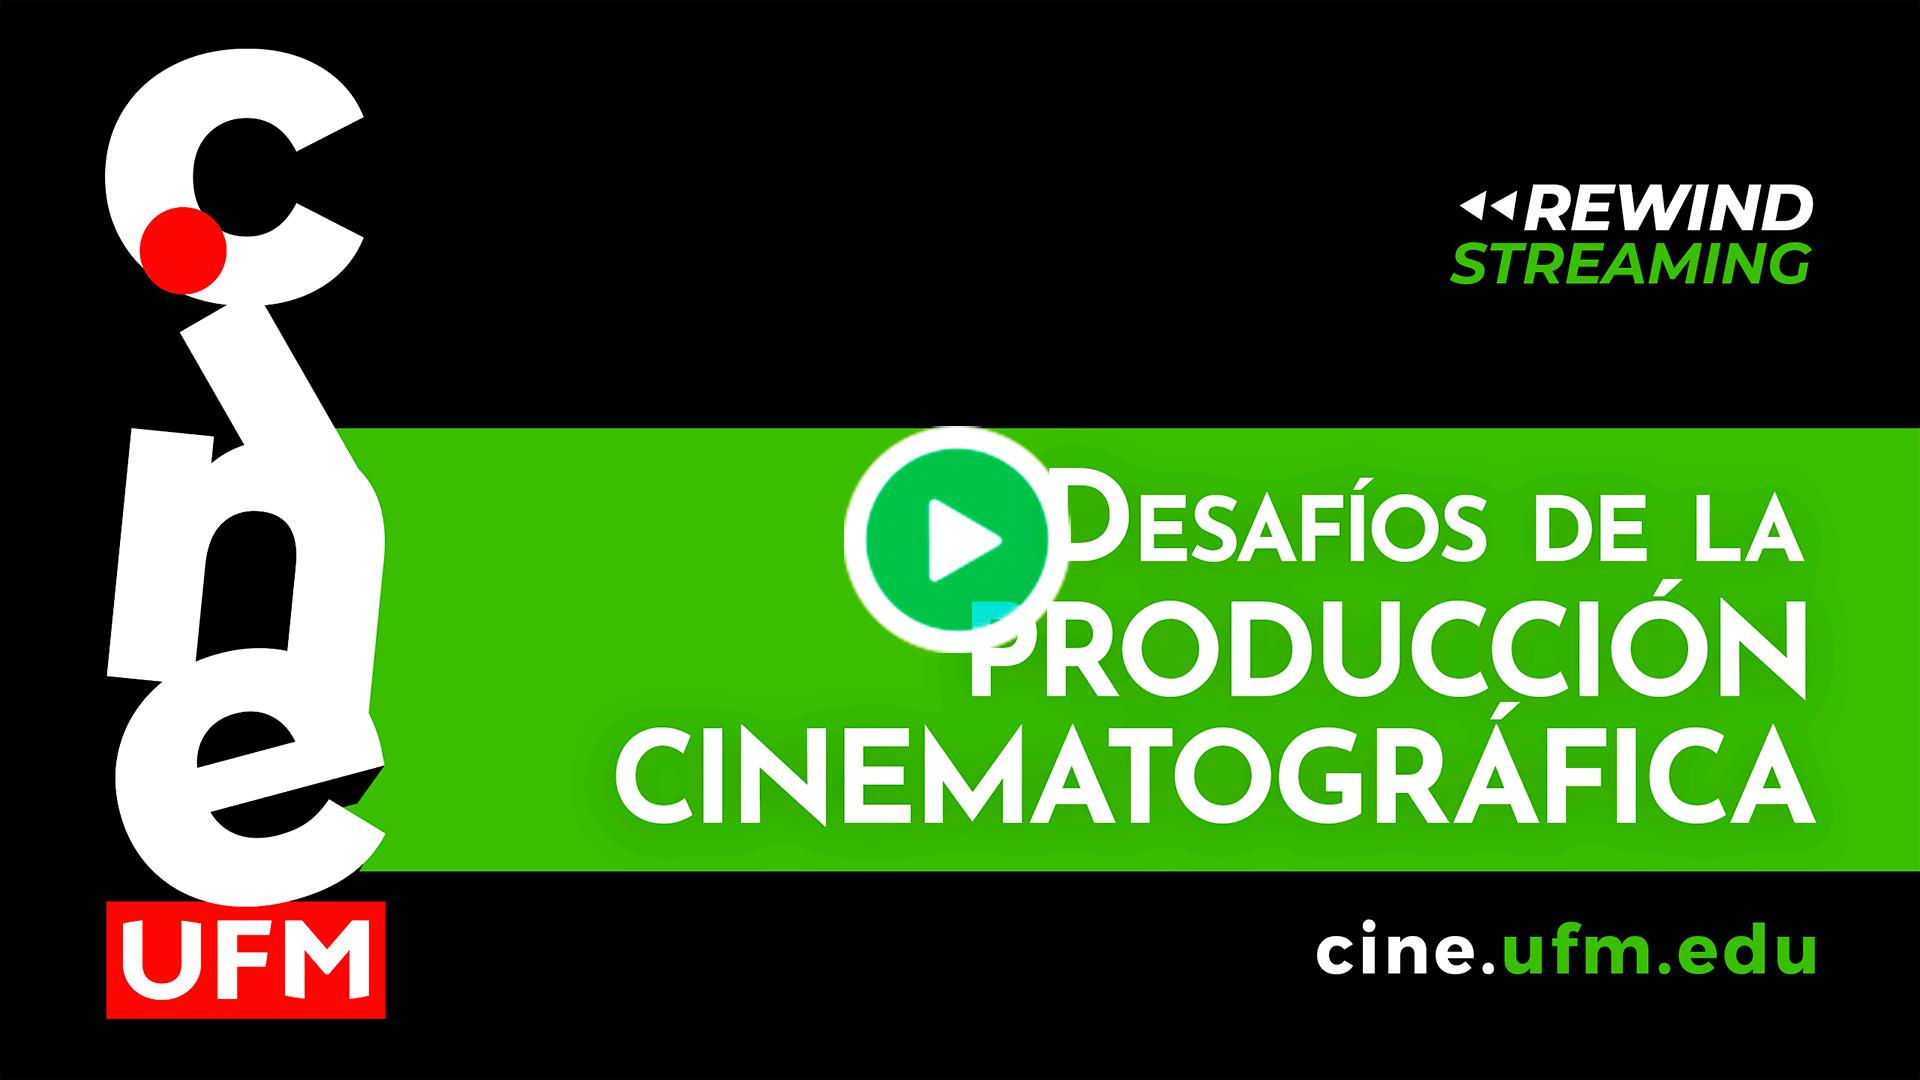 20200612_cineufmlive1_Desafios_Cine-LIVE